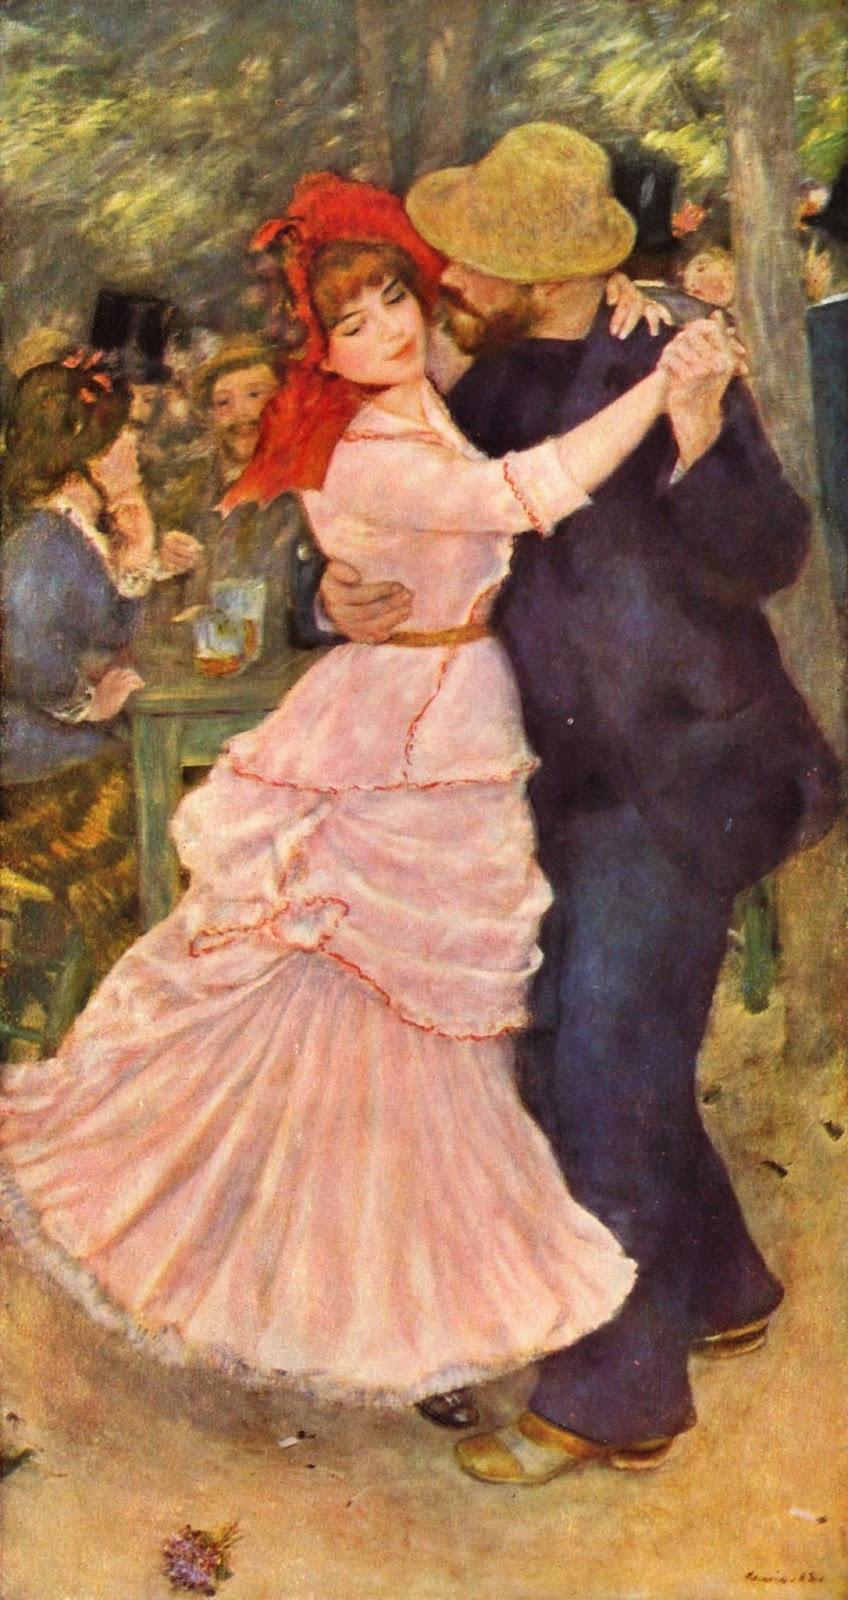 Pierre-Auguste_Renoir_146.jpg